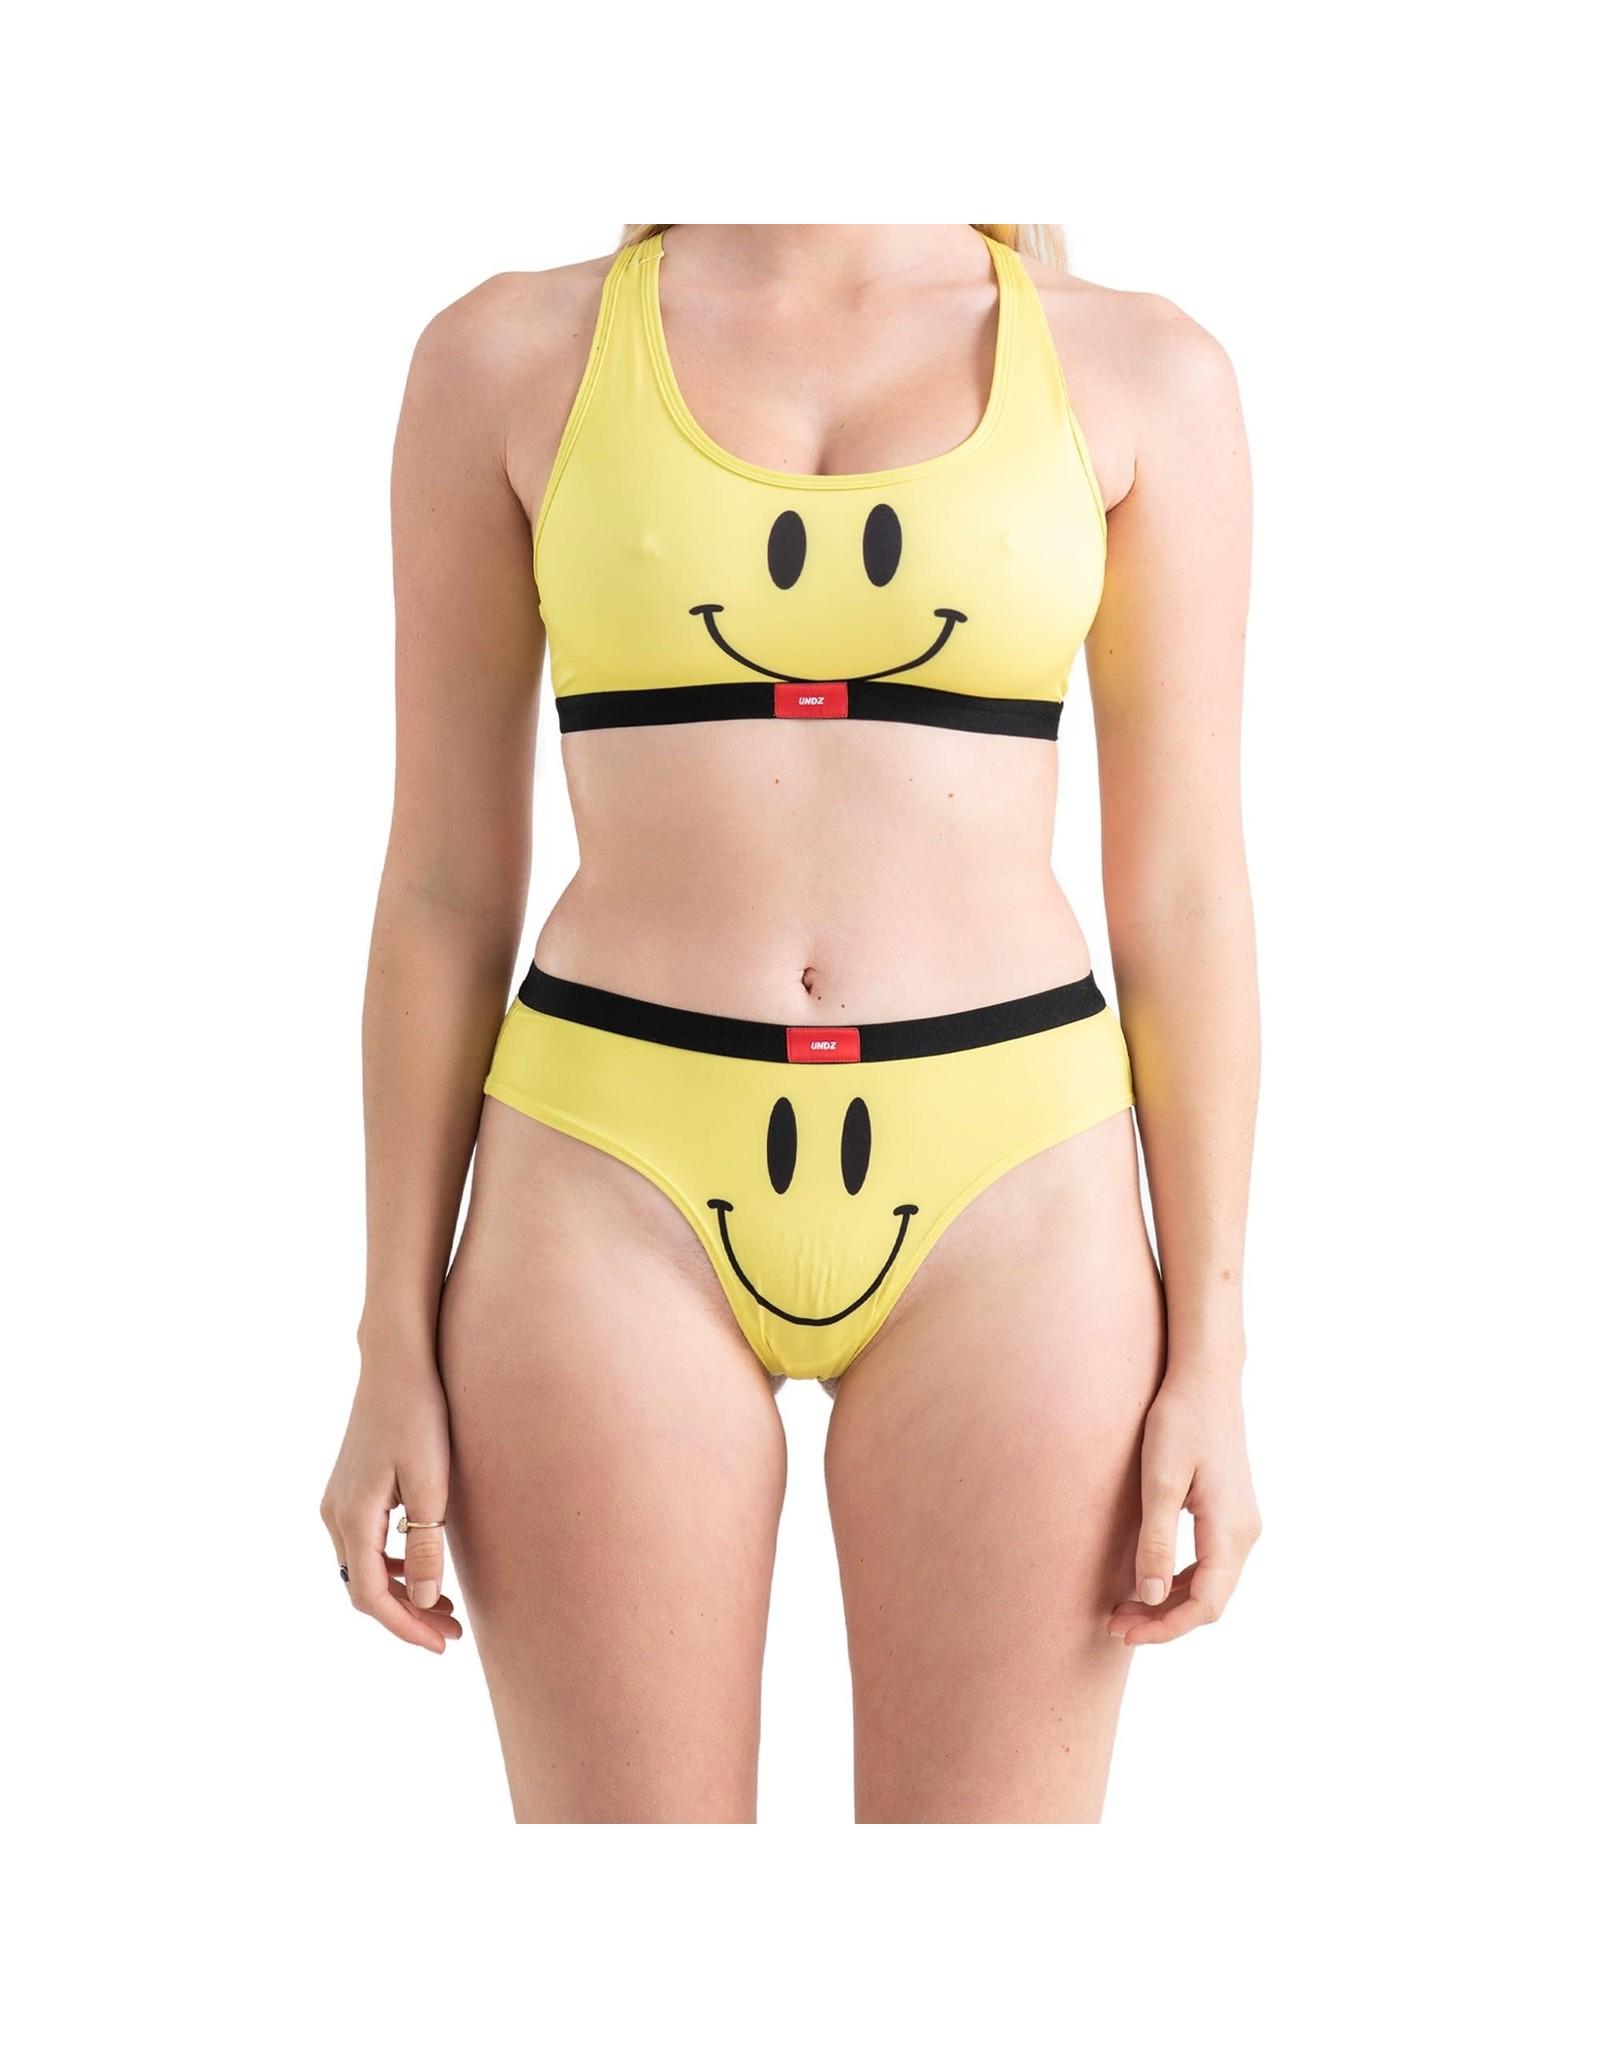 undz Undz - Boxer femme cheeky happy